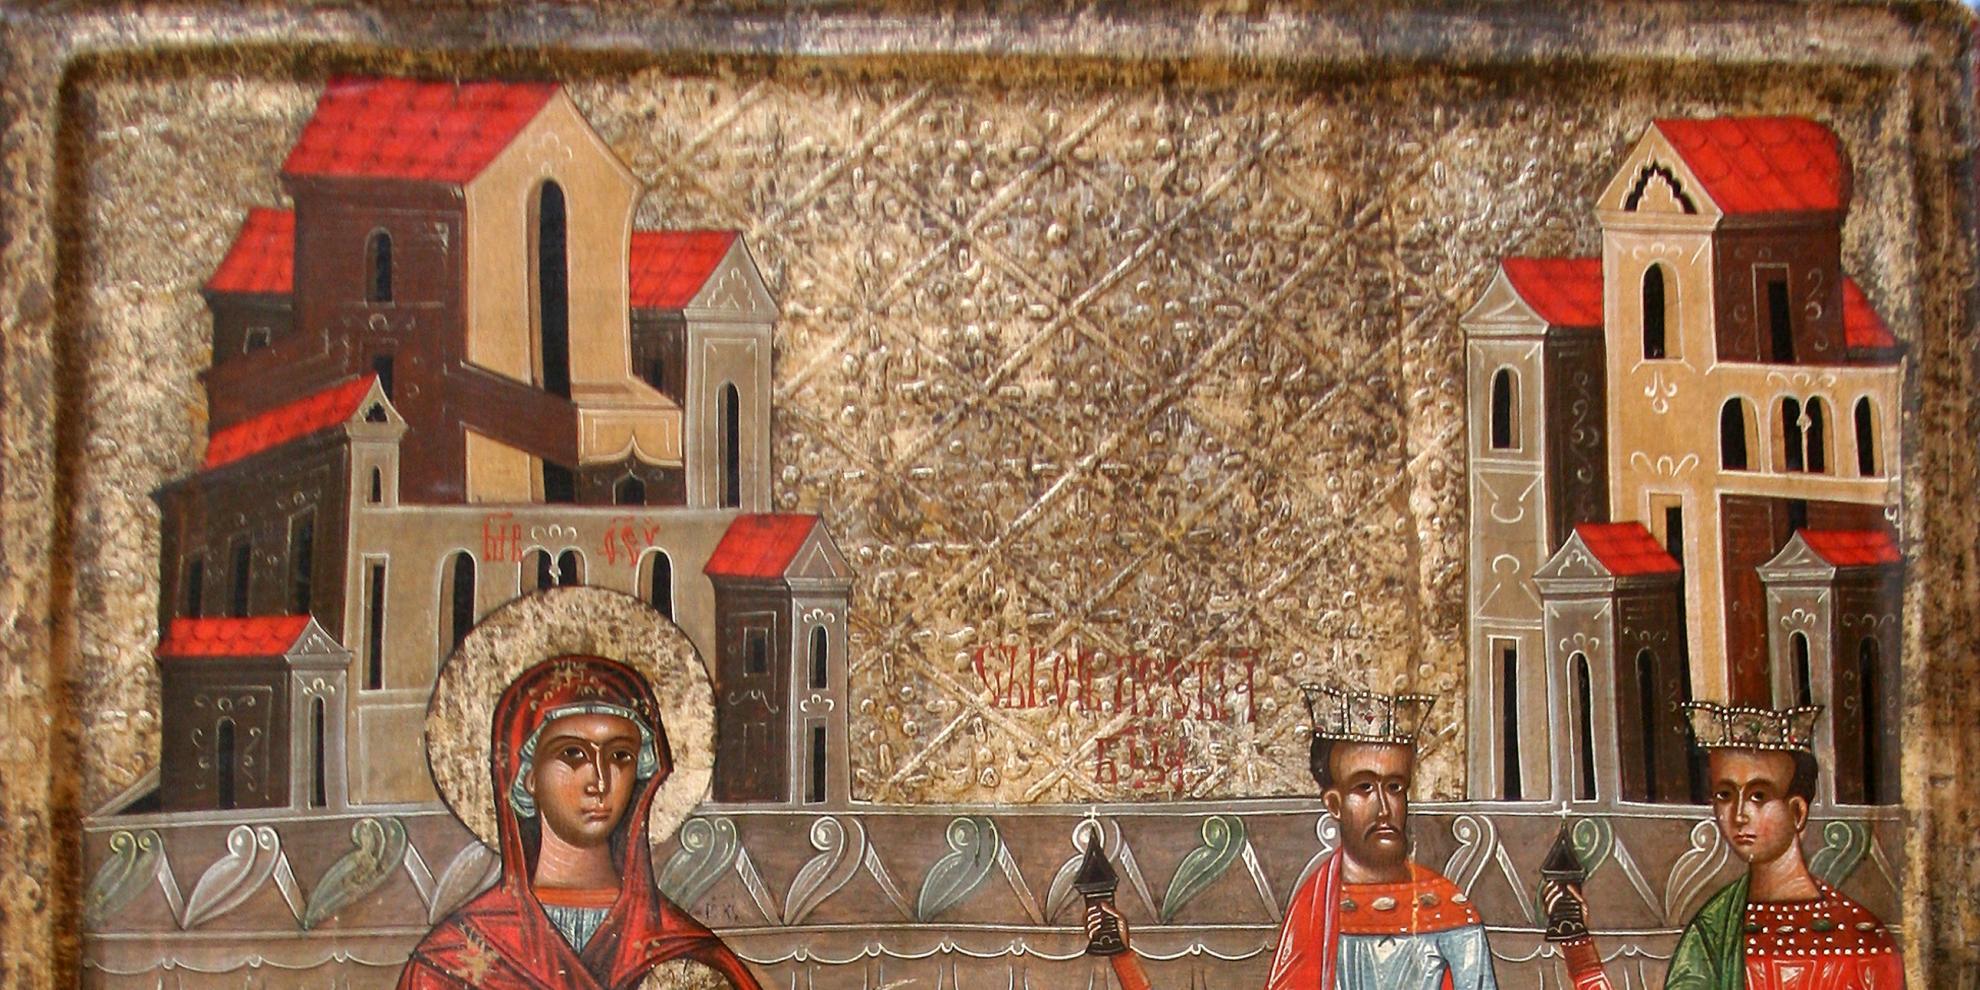 http://zbruc.eu/sites/default/files/pictures/p25_stylizovana_architektura_lavrivskoho_ta_spaskoho_monastyriv._ikona_pokloninnya_volxviv_z_busovyska_-_seredyna_hvi_st.jpg